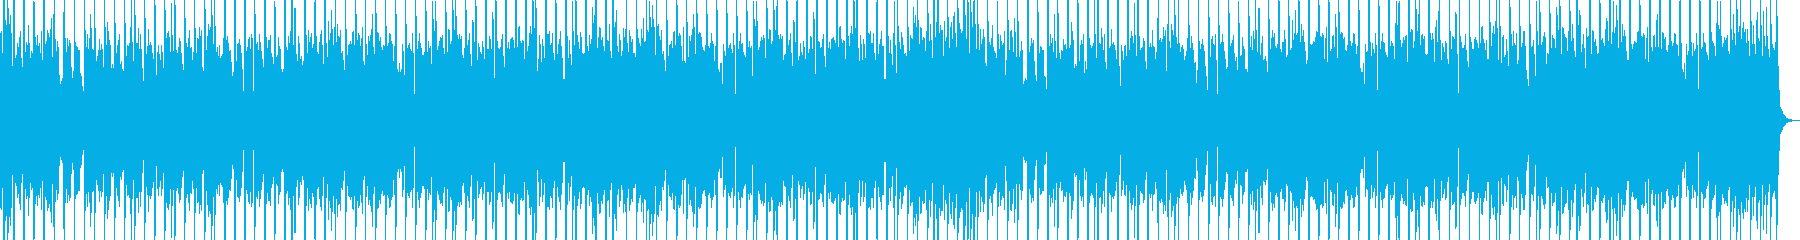 エレクトロポップ。 80年代のシン...の再生済みの波形